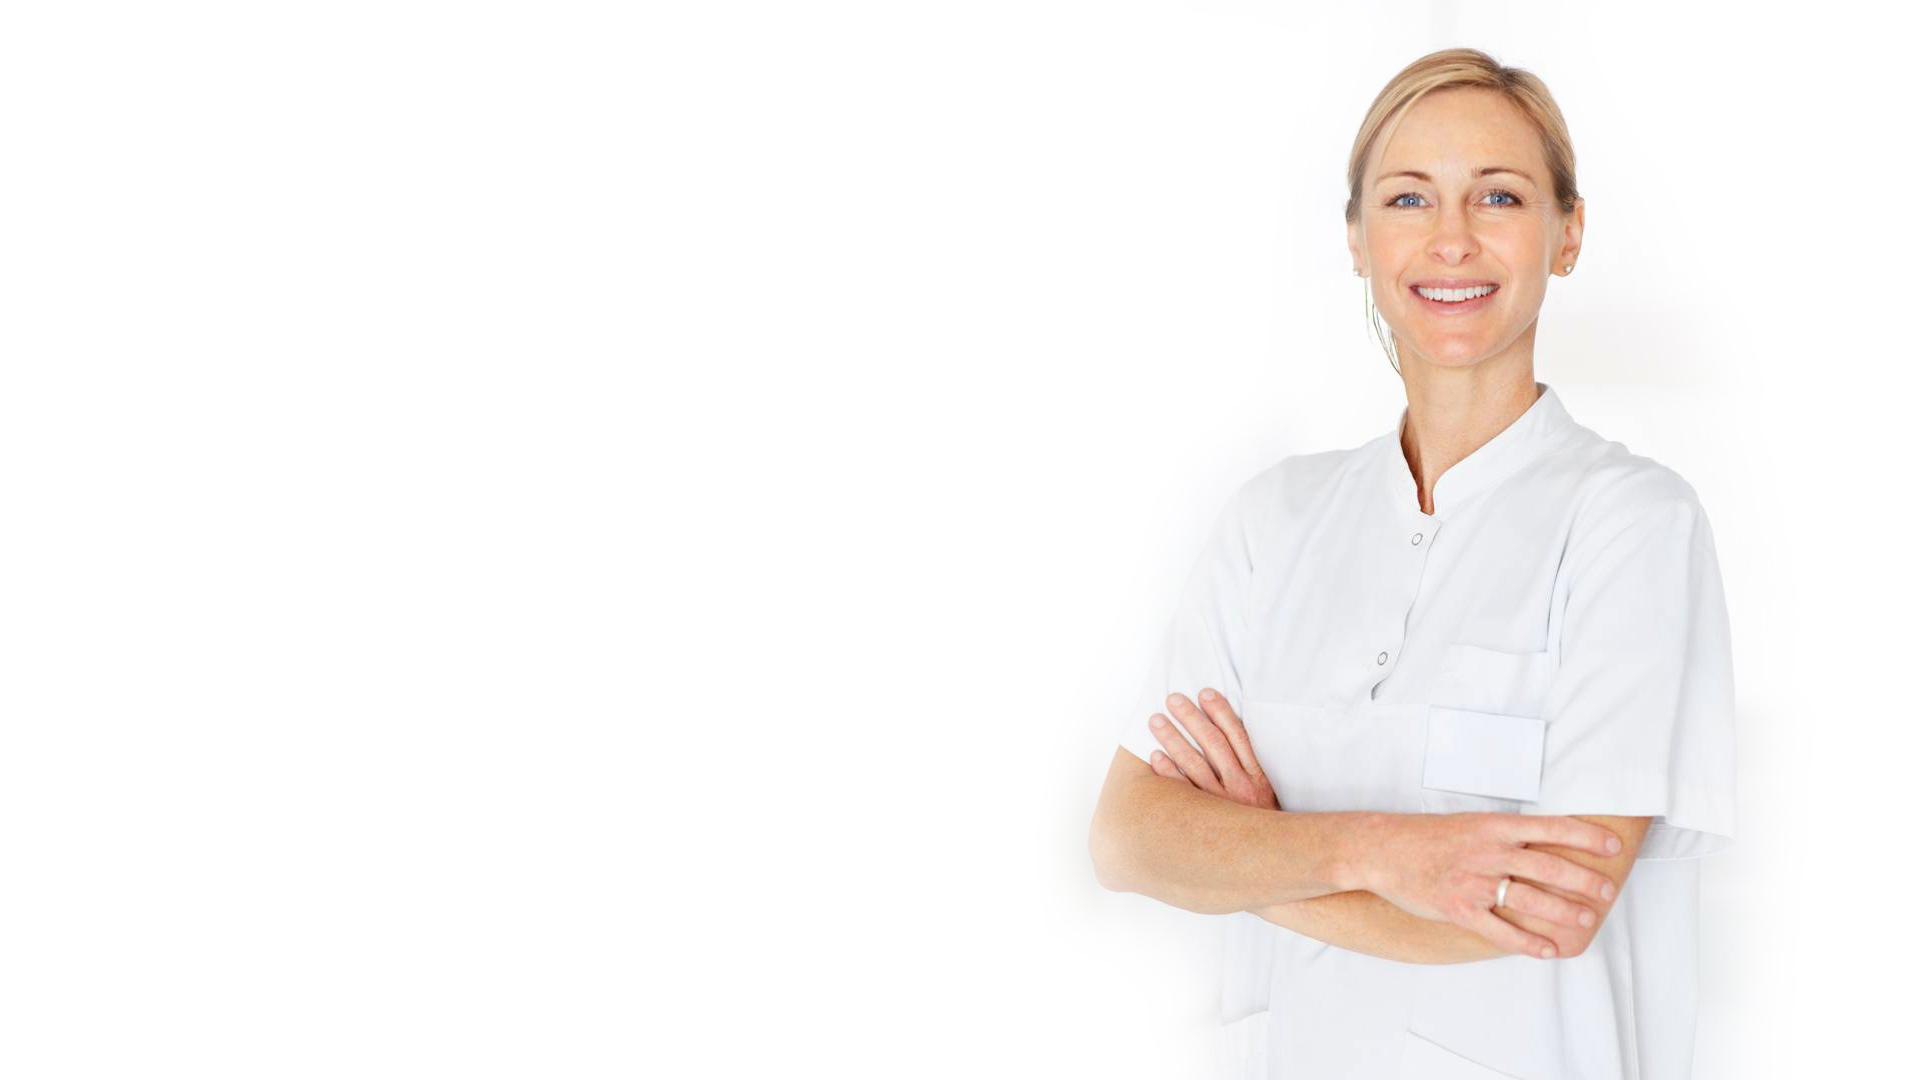 Konsultacje i zabiegi medyczne